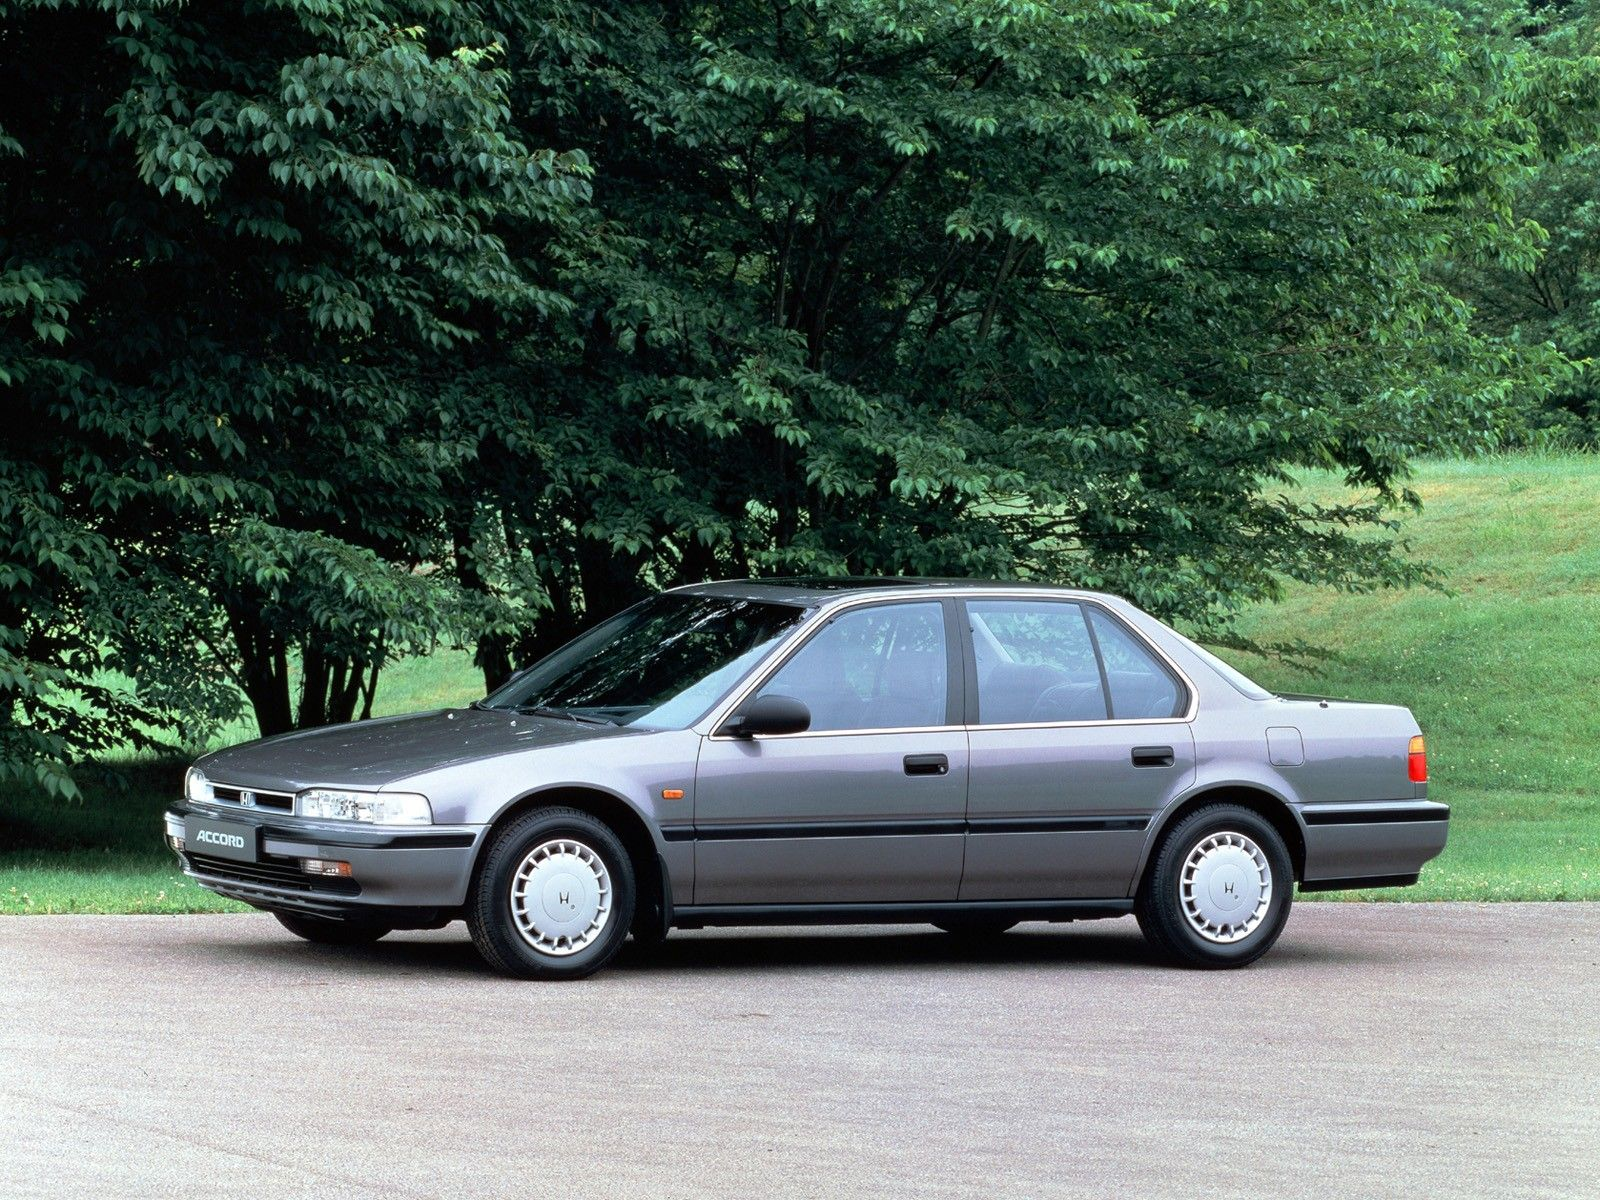 Kelebihan Honda Accord 89 Top Model Tahun Ini